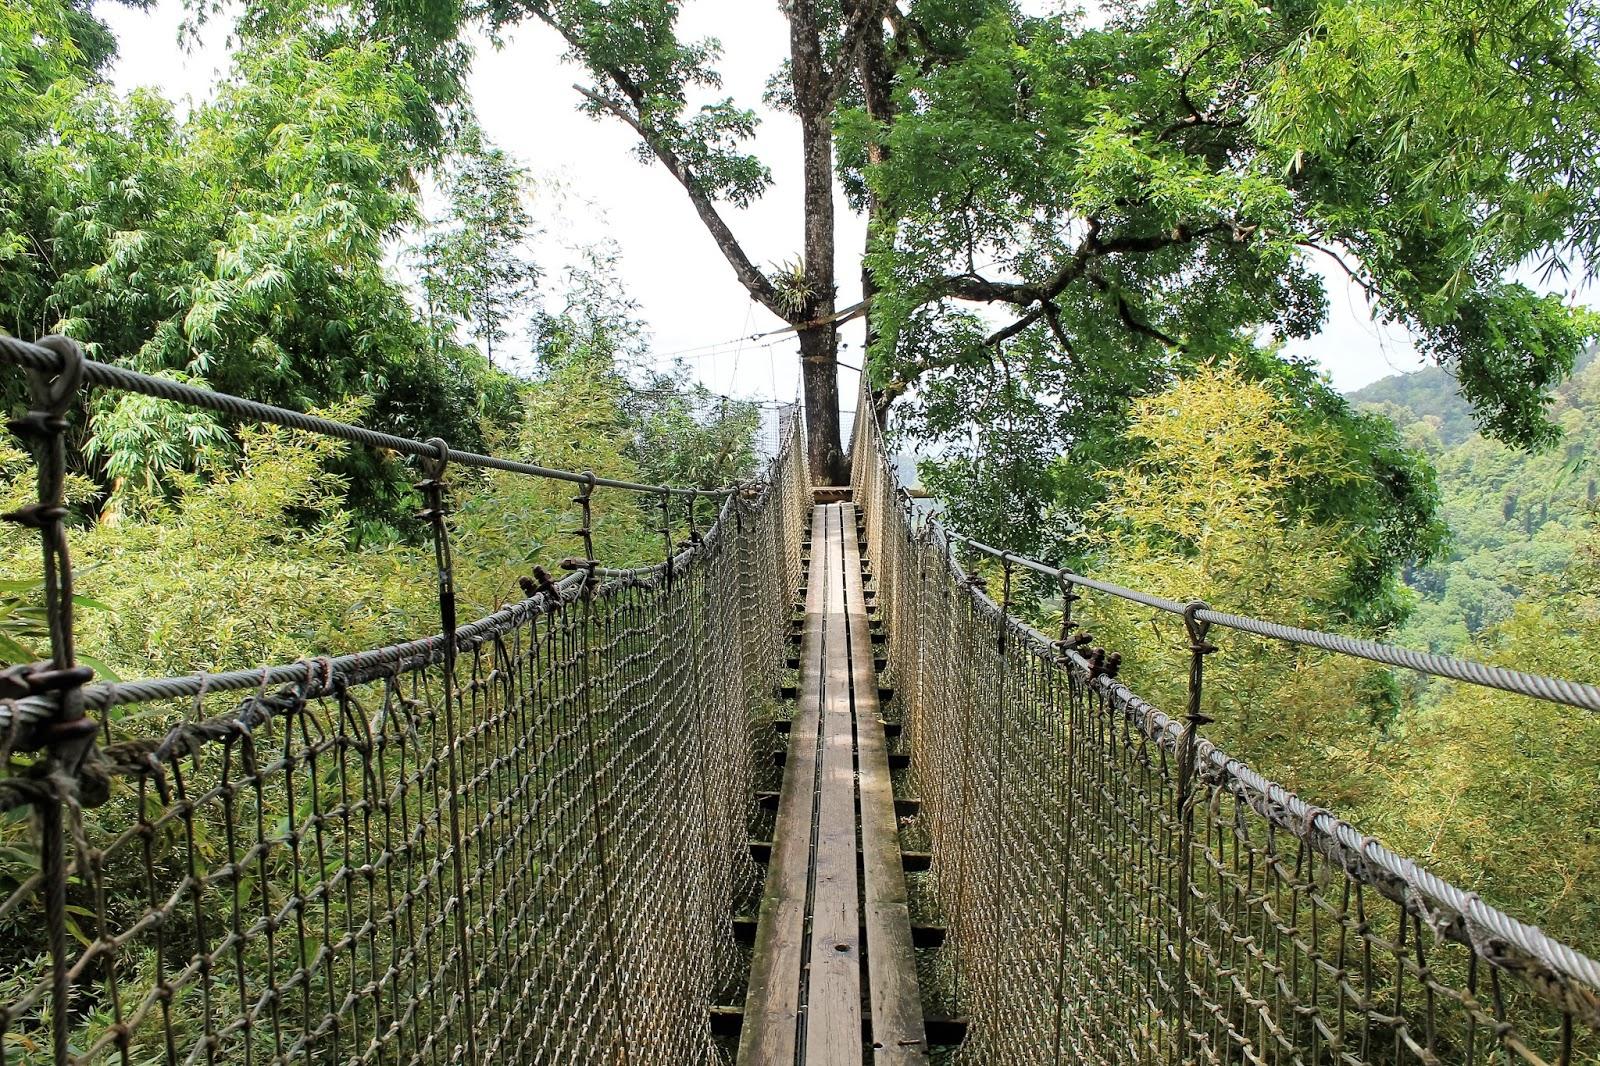 jardin de balata martinique pont suspendue parcours